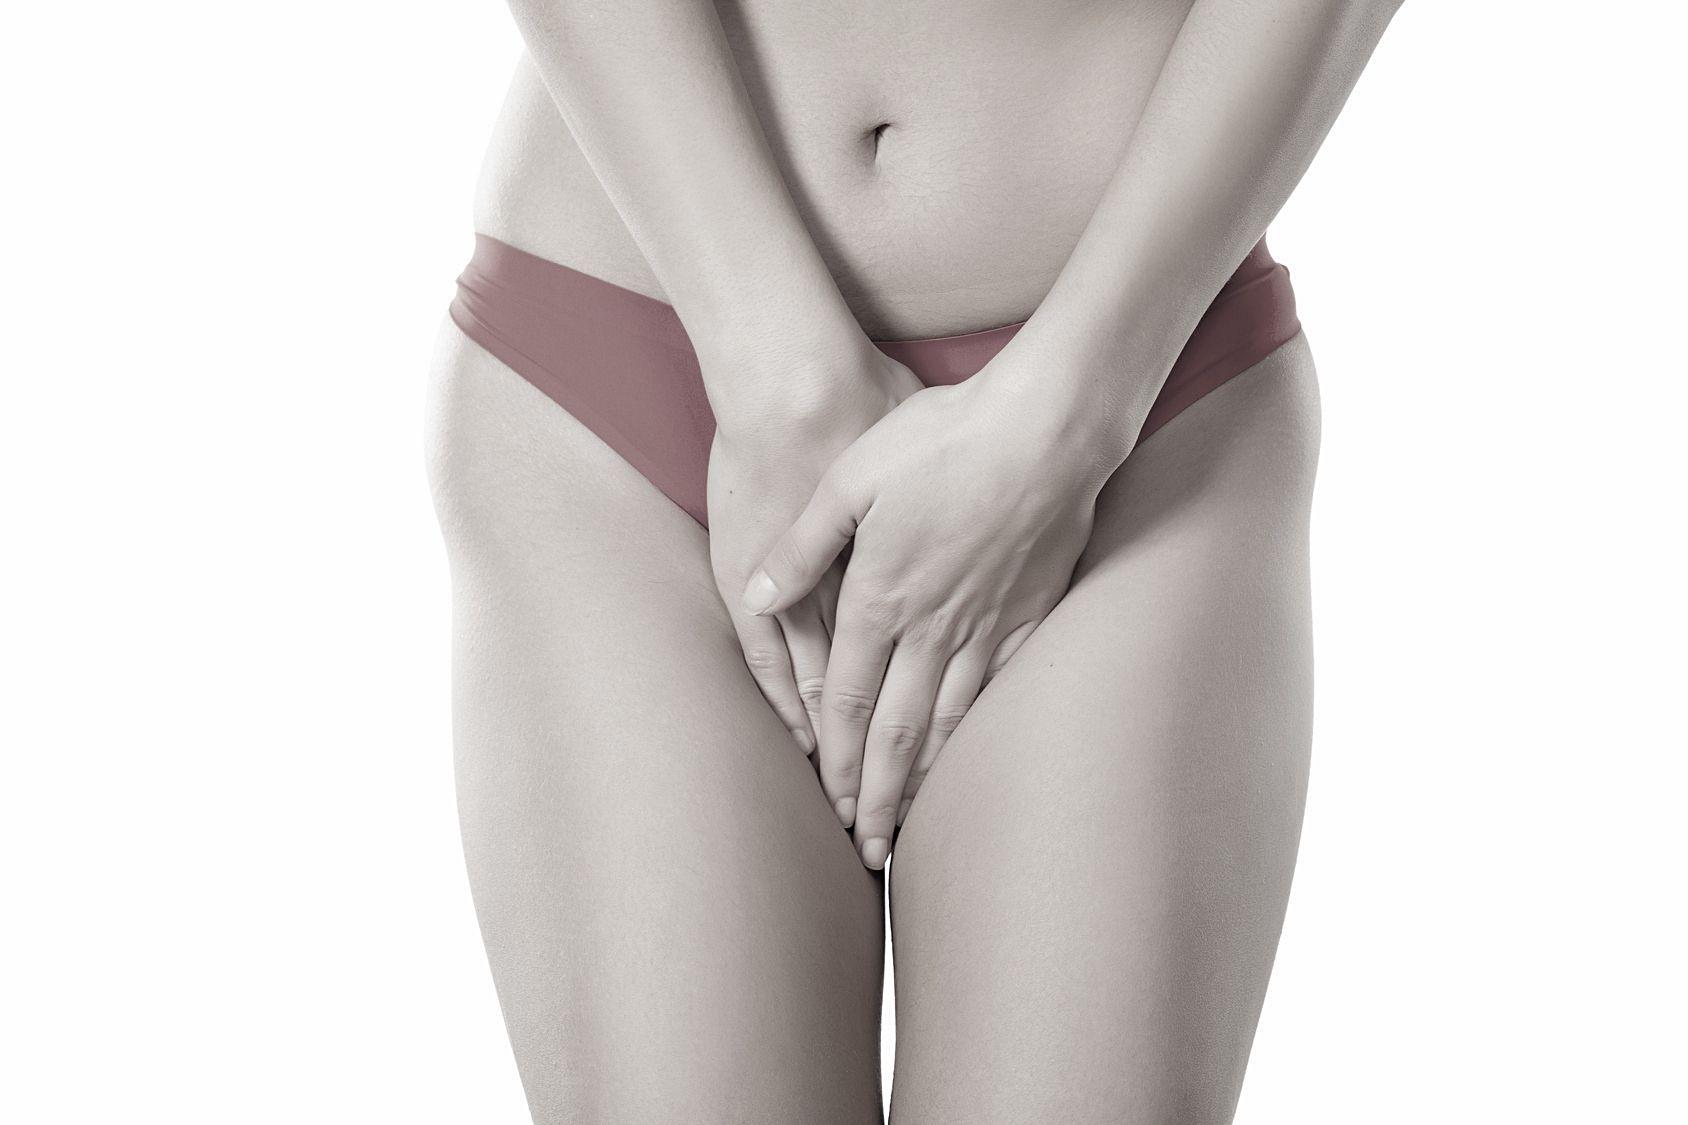 «Tengo incontinencia urinaria»